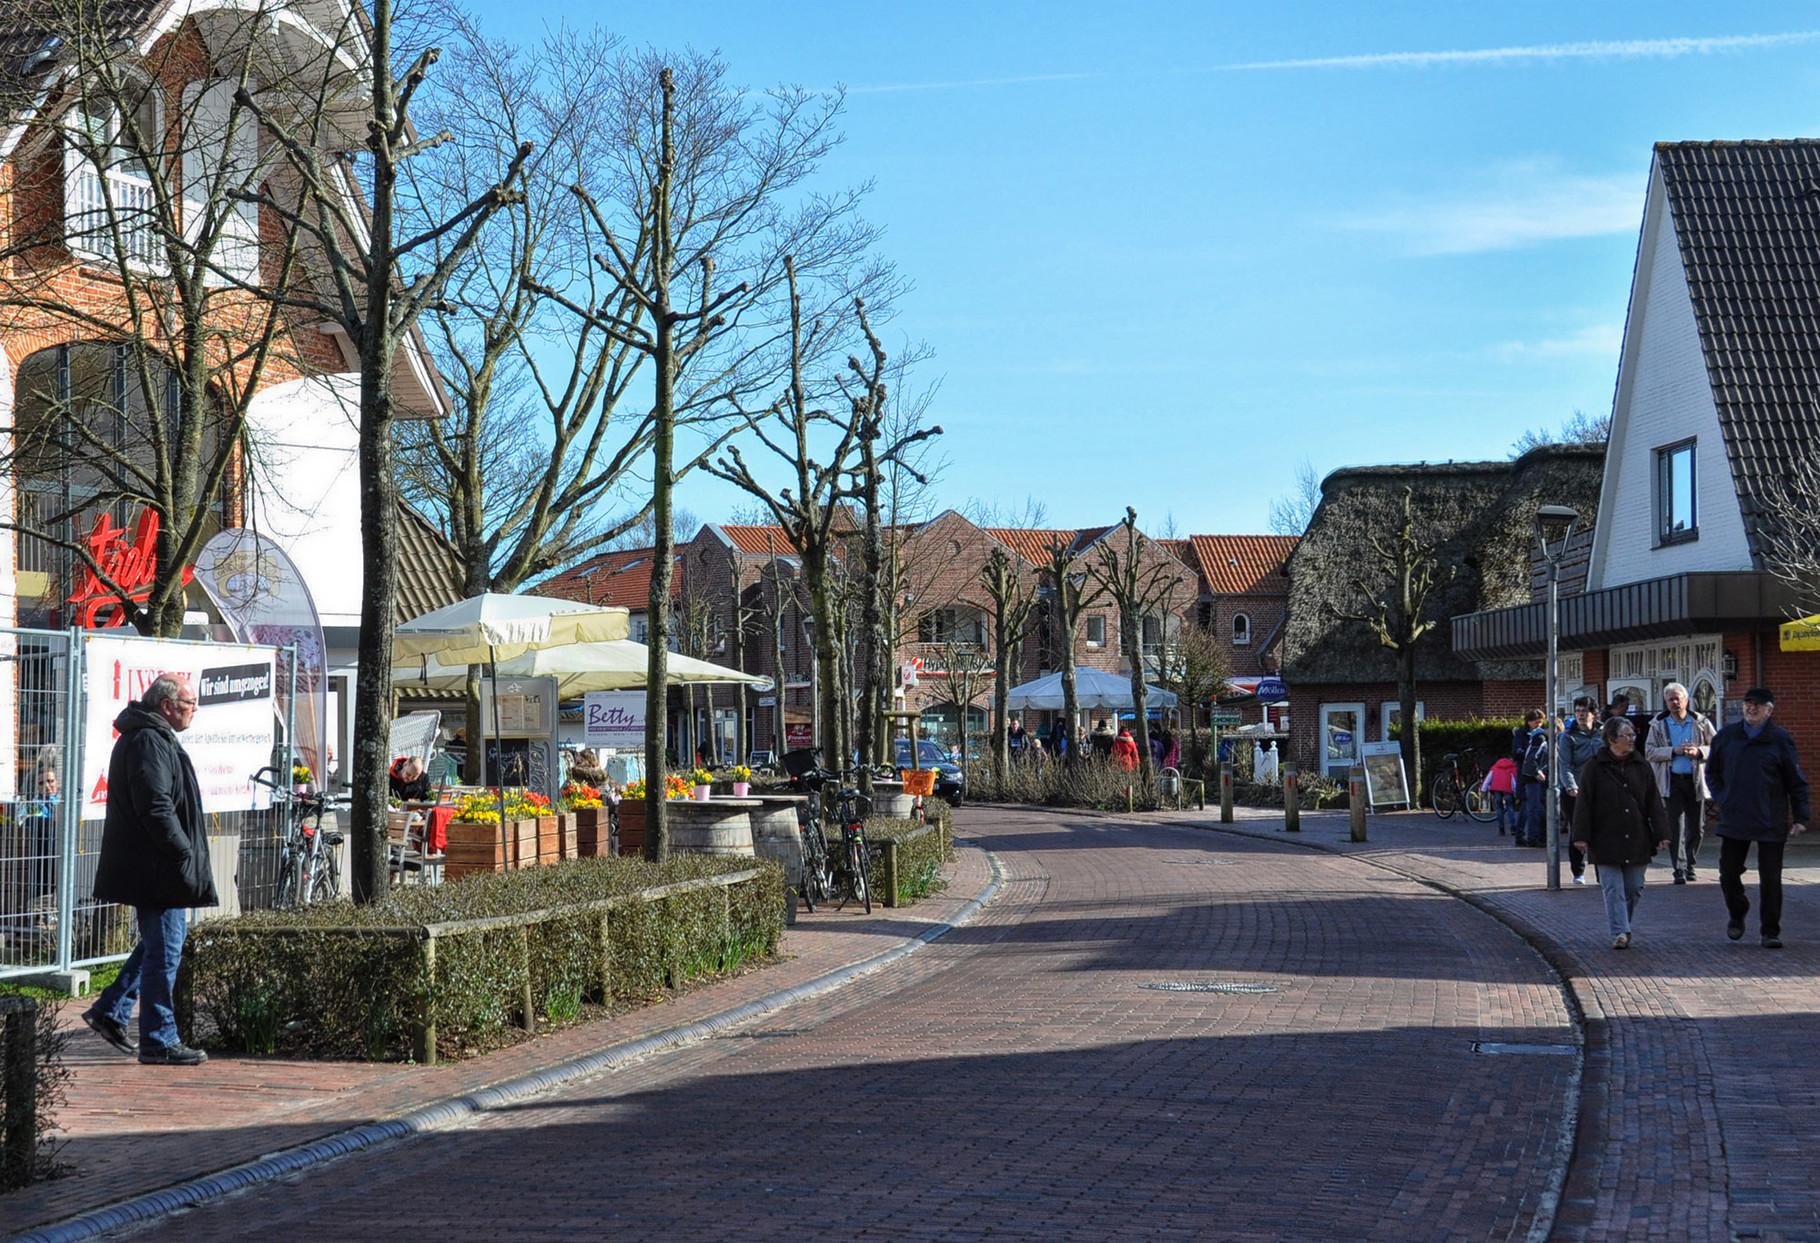 St.Peter Ording Dorf, meine Lieblingsecke, die DORFSTRASSE